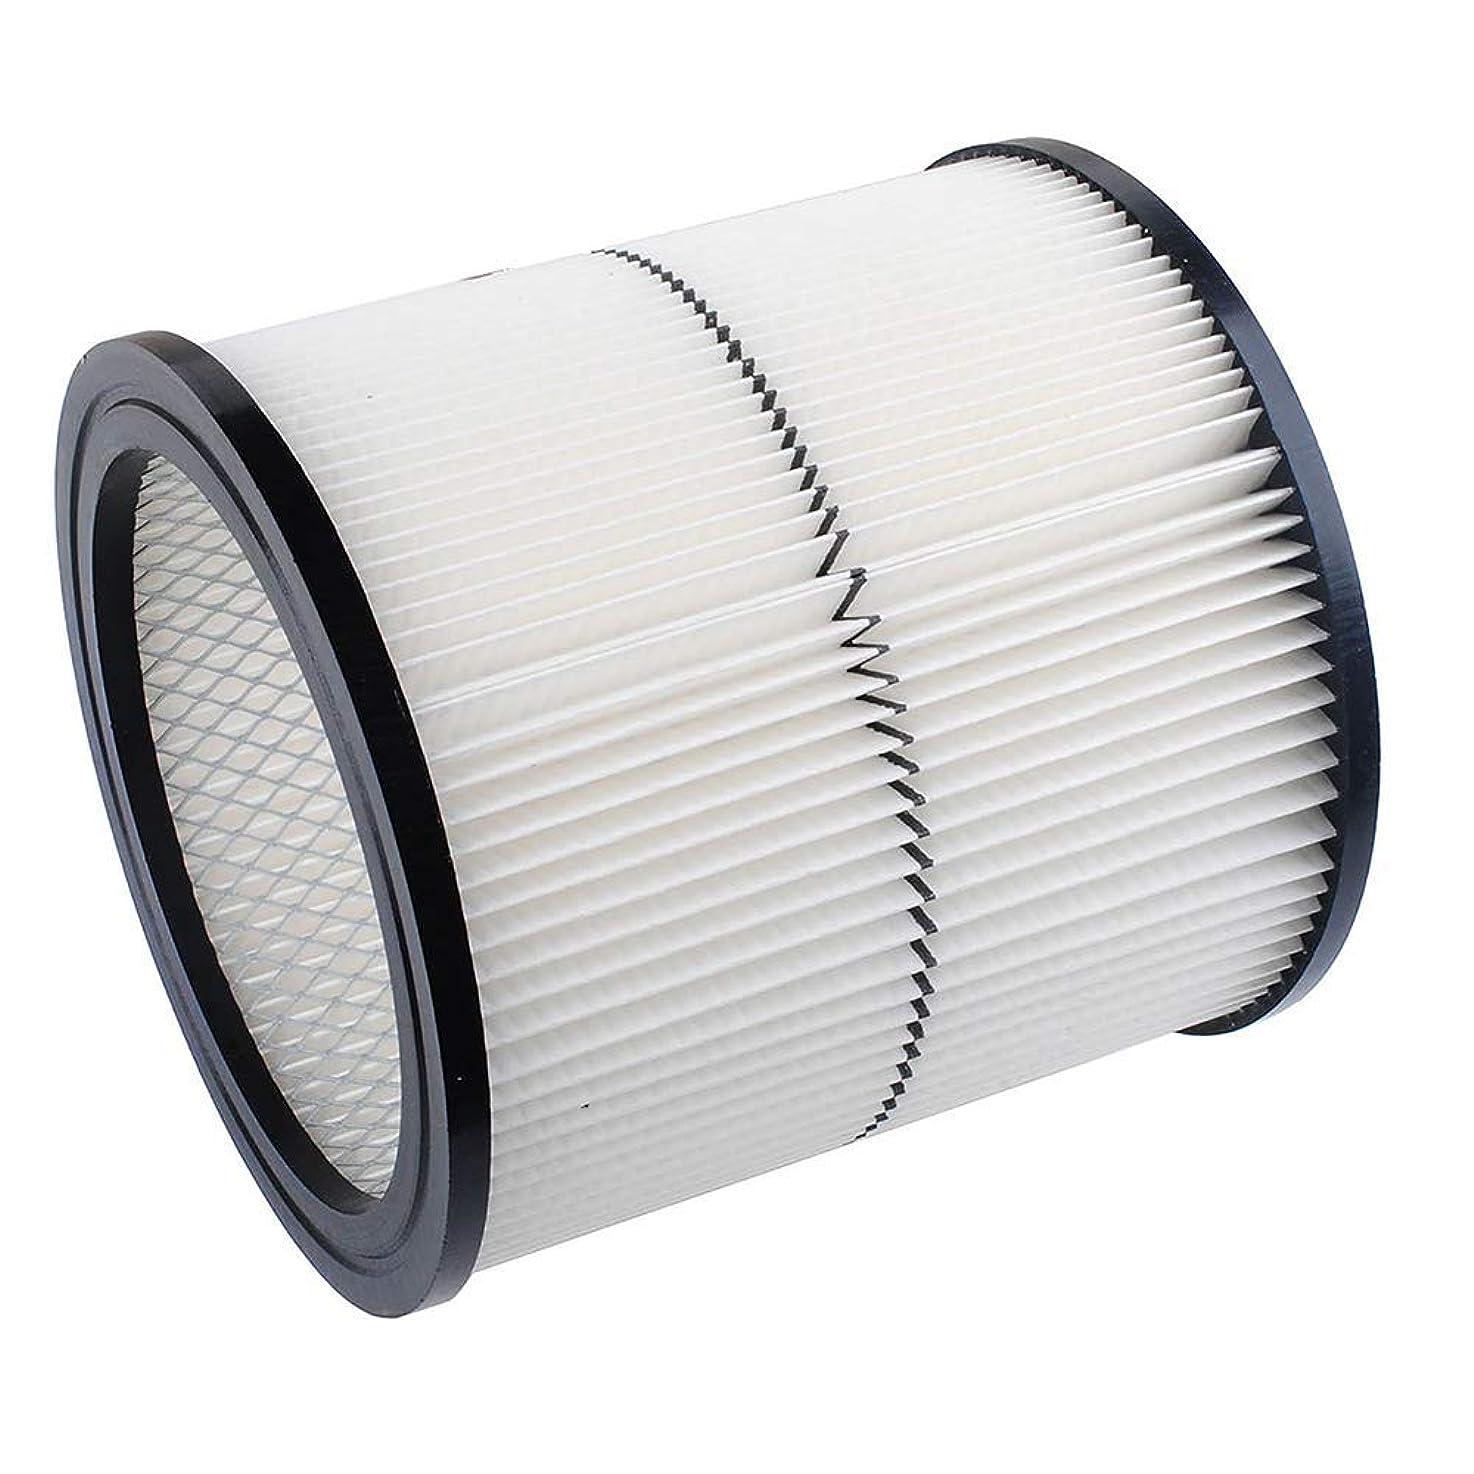 Ketofa 9-17884 Vacuum Filter Replacement Parts Compatible with Craftsman 17935 17937 17920 17921 17922 17929 Cartridge Shop Vac Filter - Fit 6/8/12 and 16 Gallon Vacs wanrrxivqazgr9